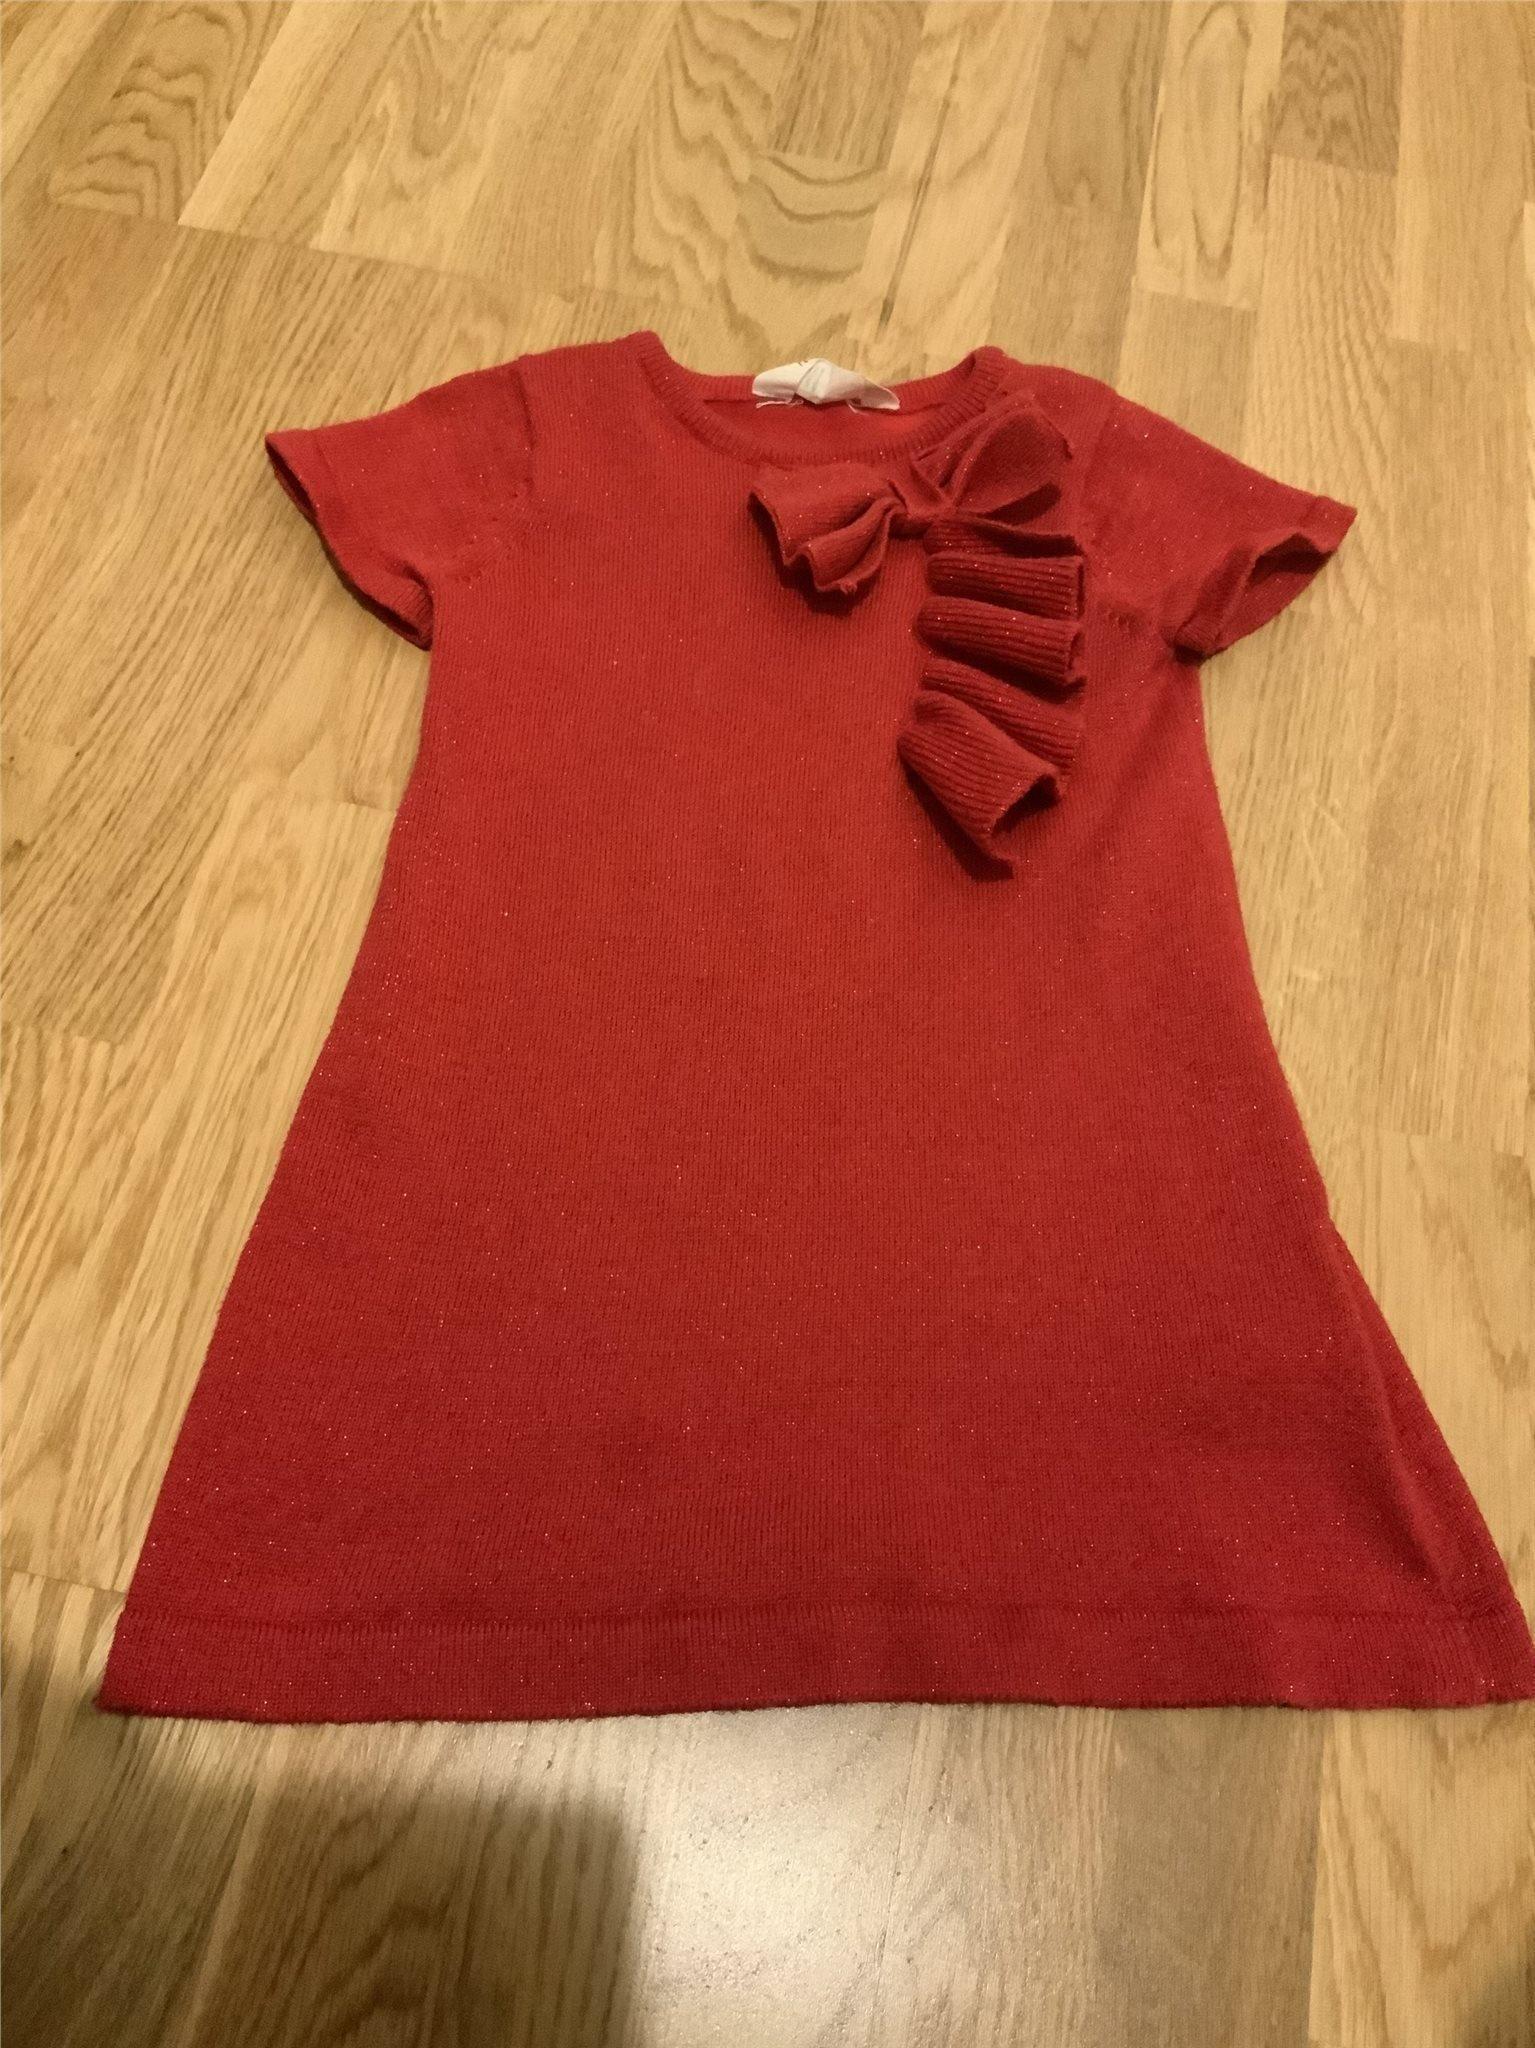 acda27ff0129 H&M kortarm klänning, stl 92. (351752819) ᐈ Köp på Tradera